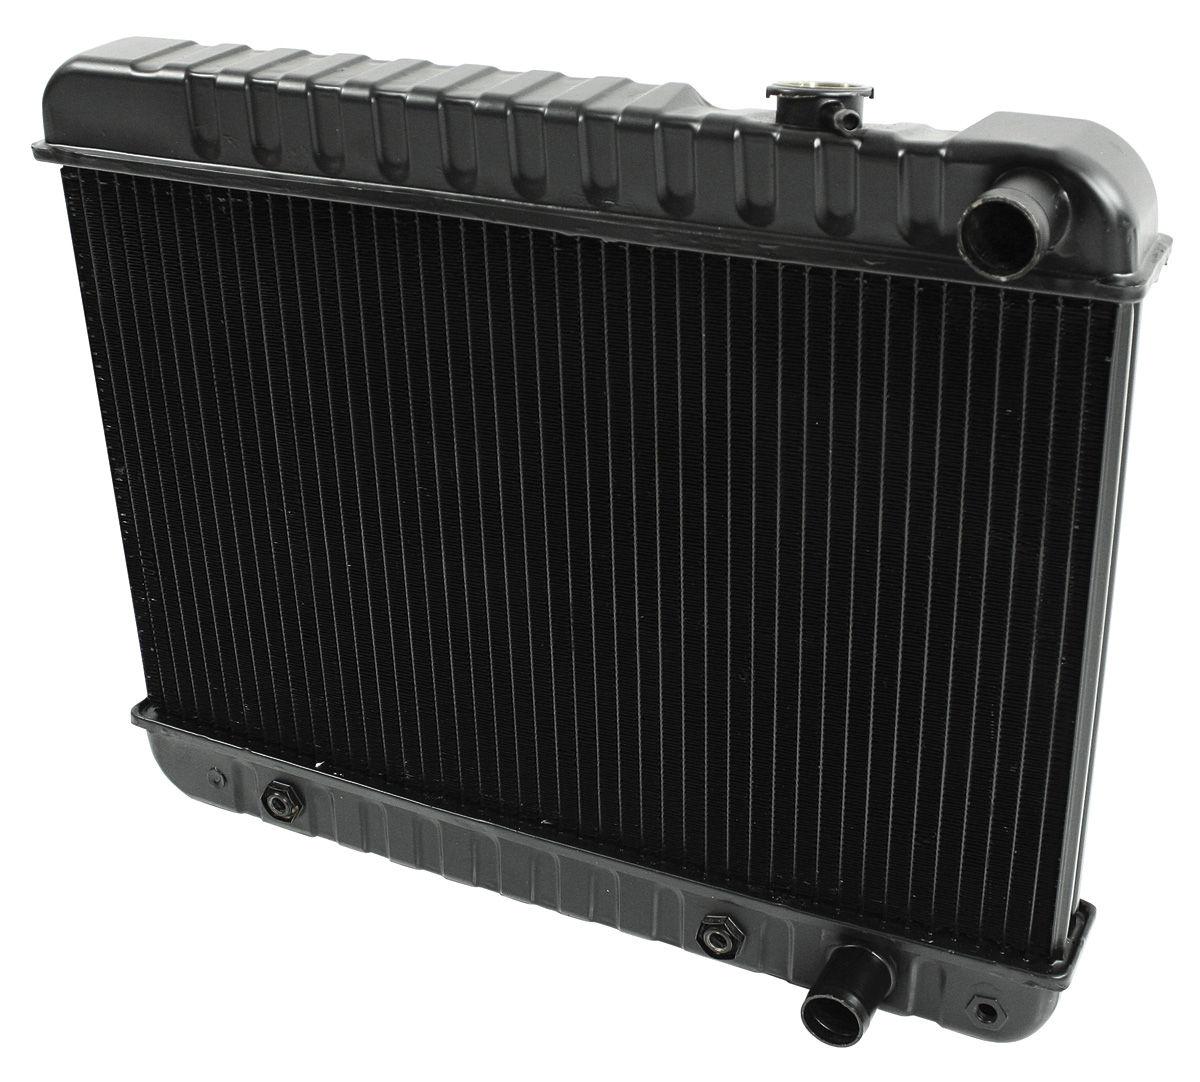 """Radiator, 65-66 Skylark/Special, 17 X 20 3/4 X 2-3/4"""", MT w/AC"""